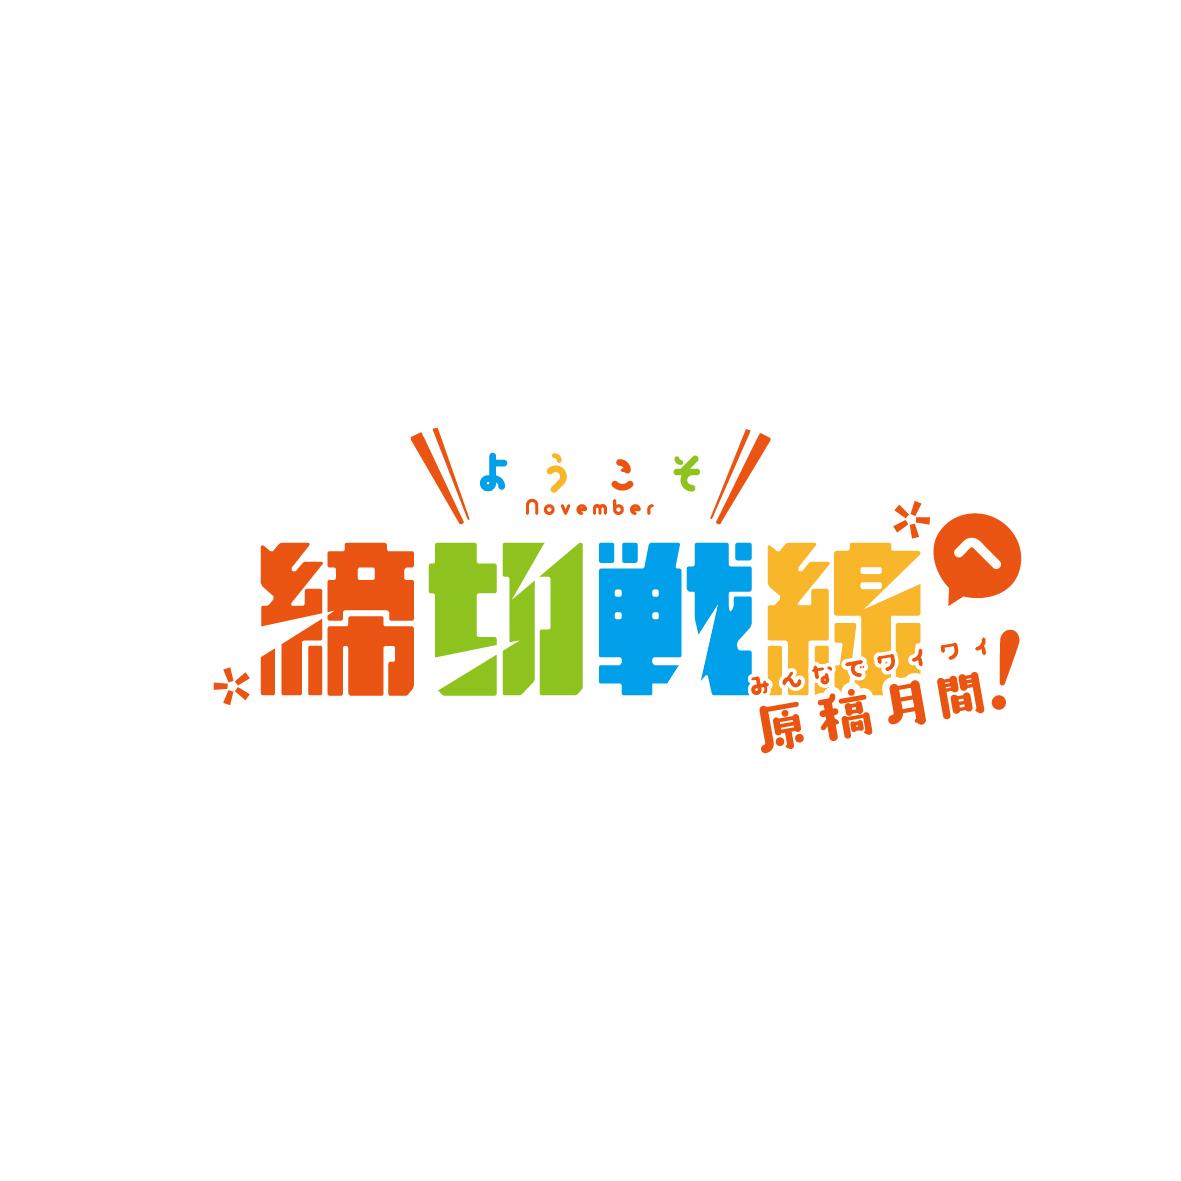 shimekiri-03